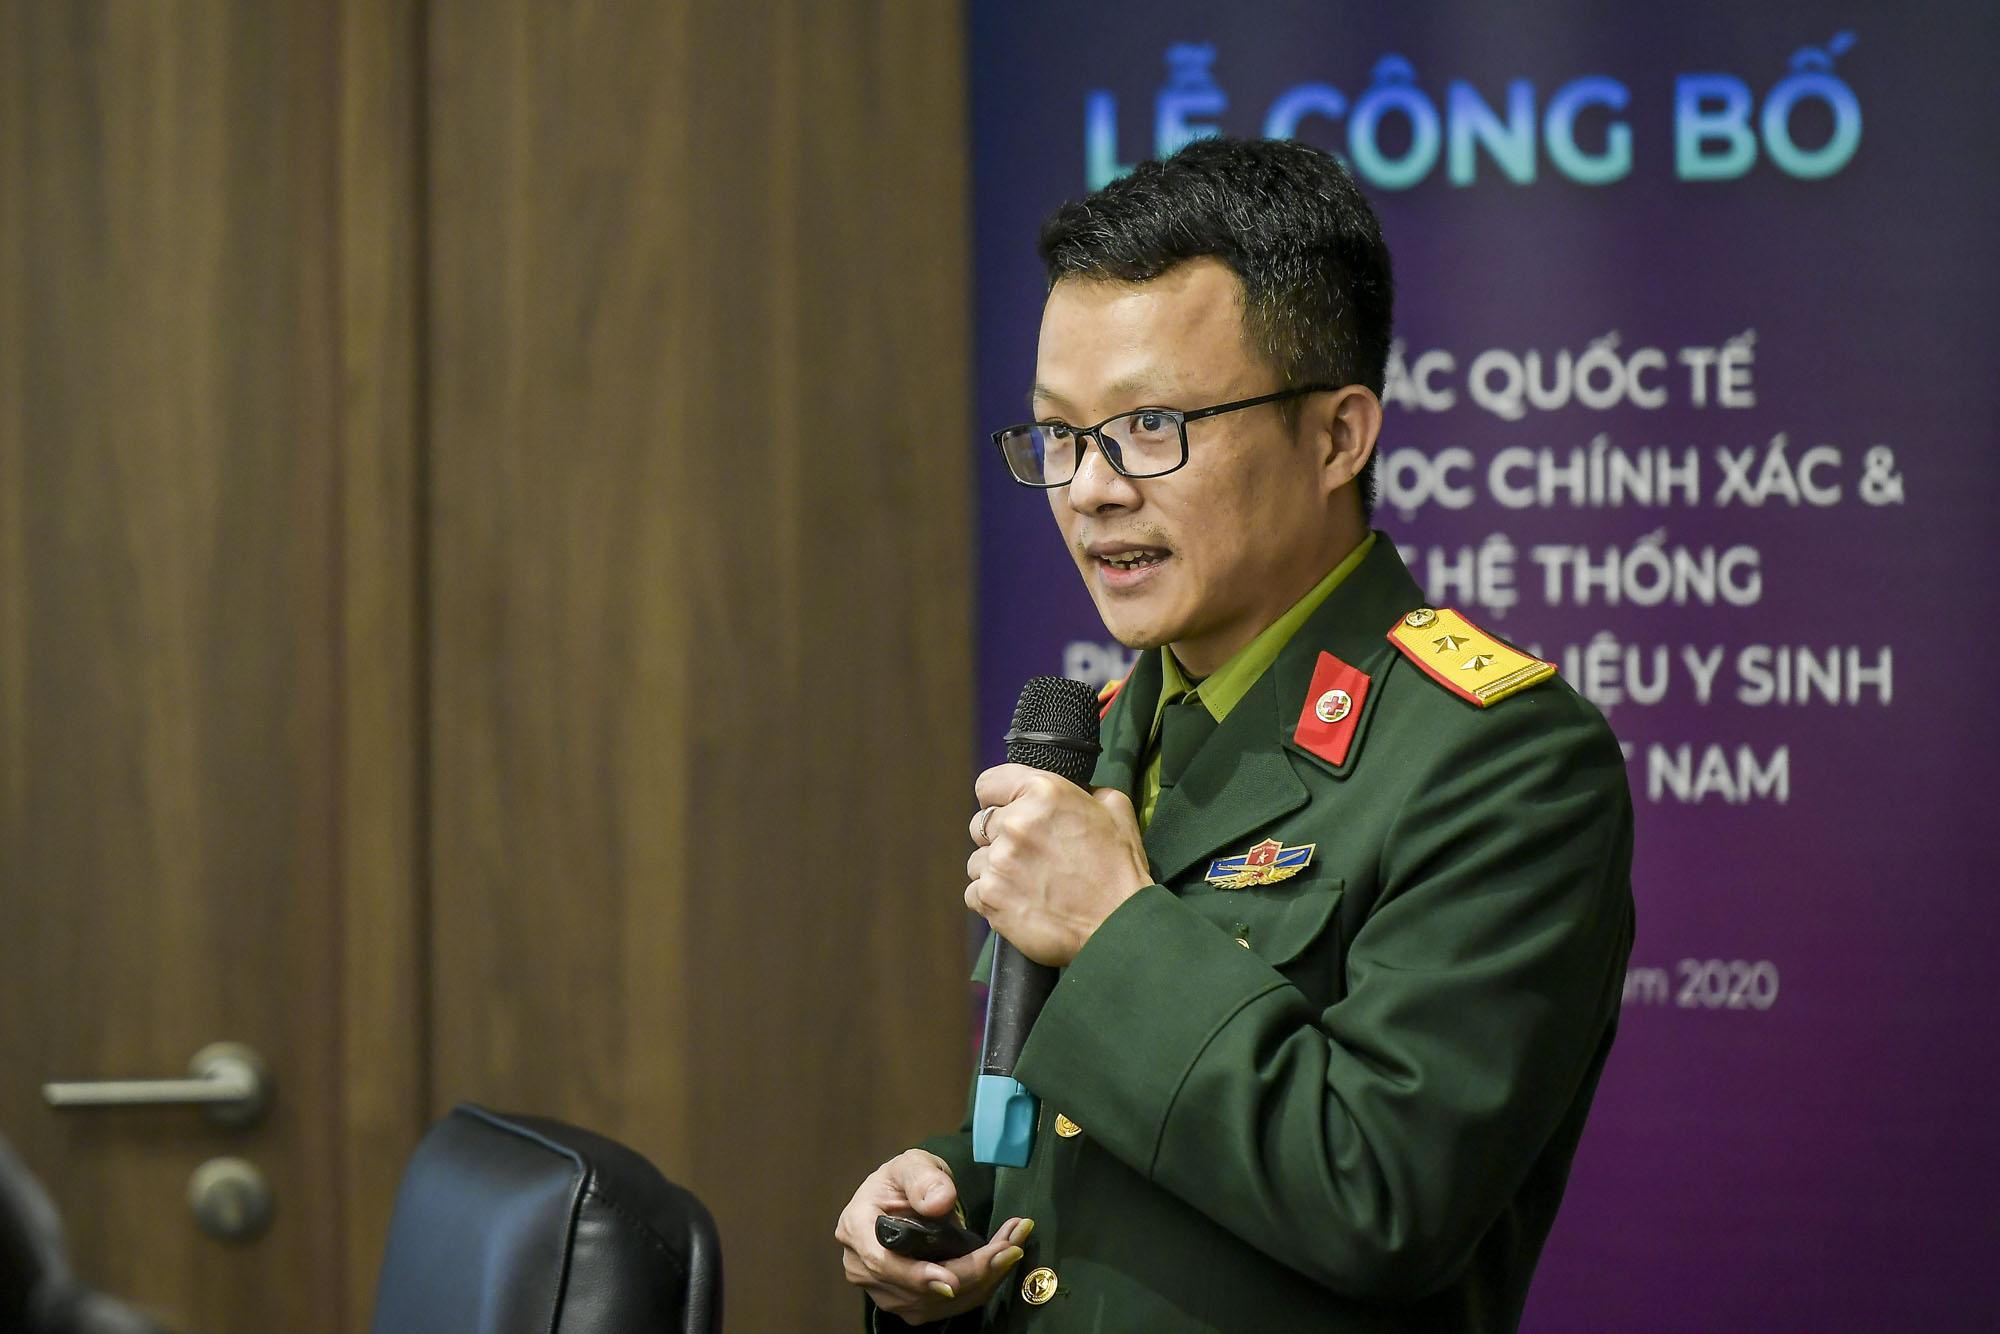 Vingroup công bố hợp tác quốc tế & ra mắt hệ thống quản lý dữ liệu y sinh lớn nhất Việt Nam - Ảnh 2